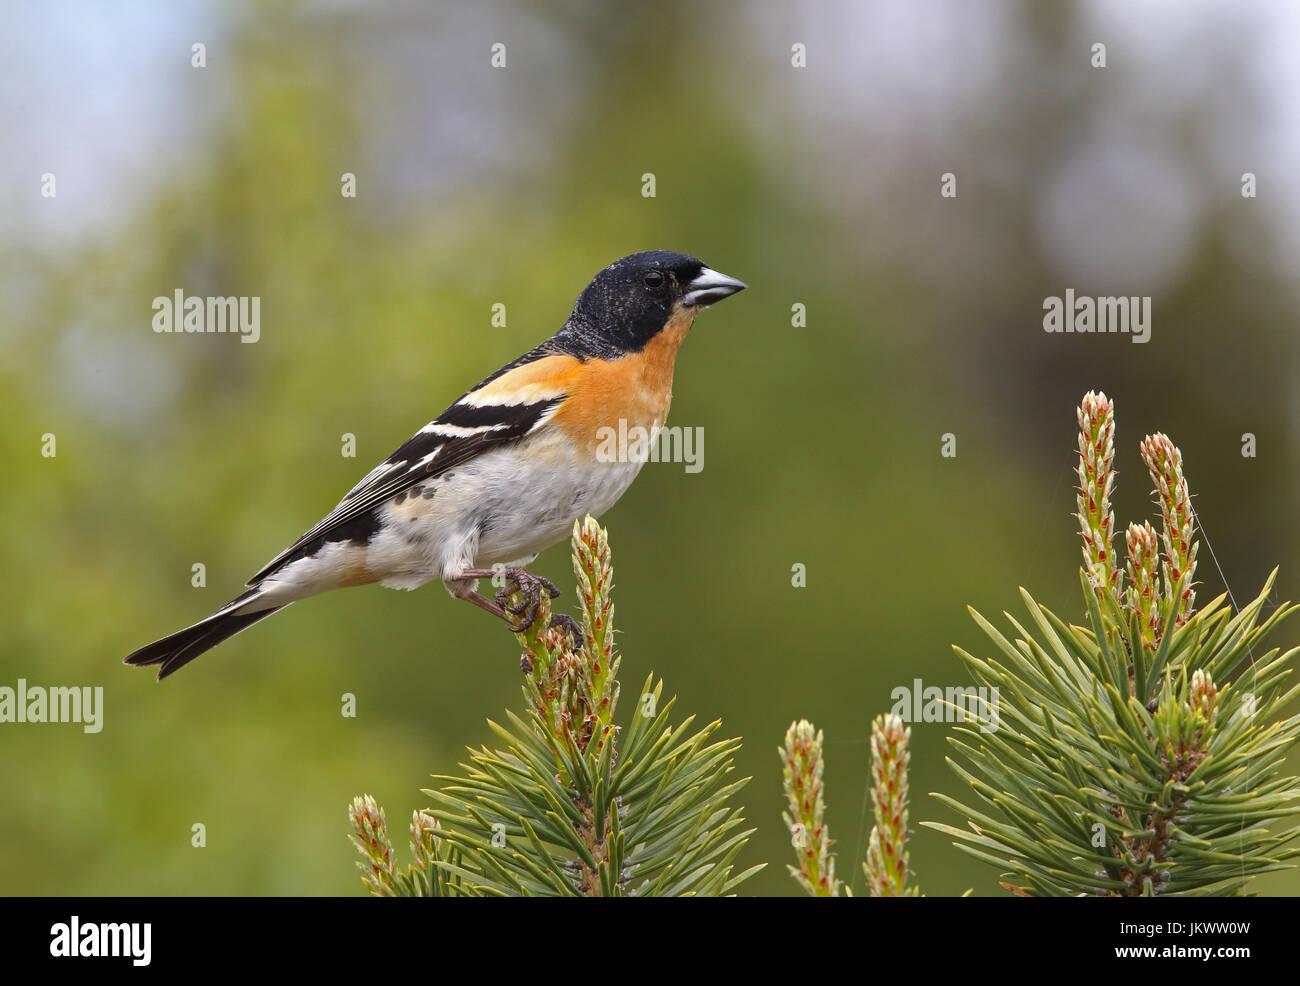 Brambling (Fringilla montifringilla) - Stock Image